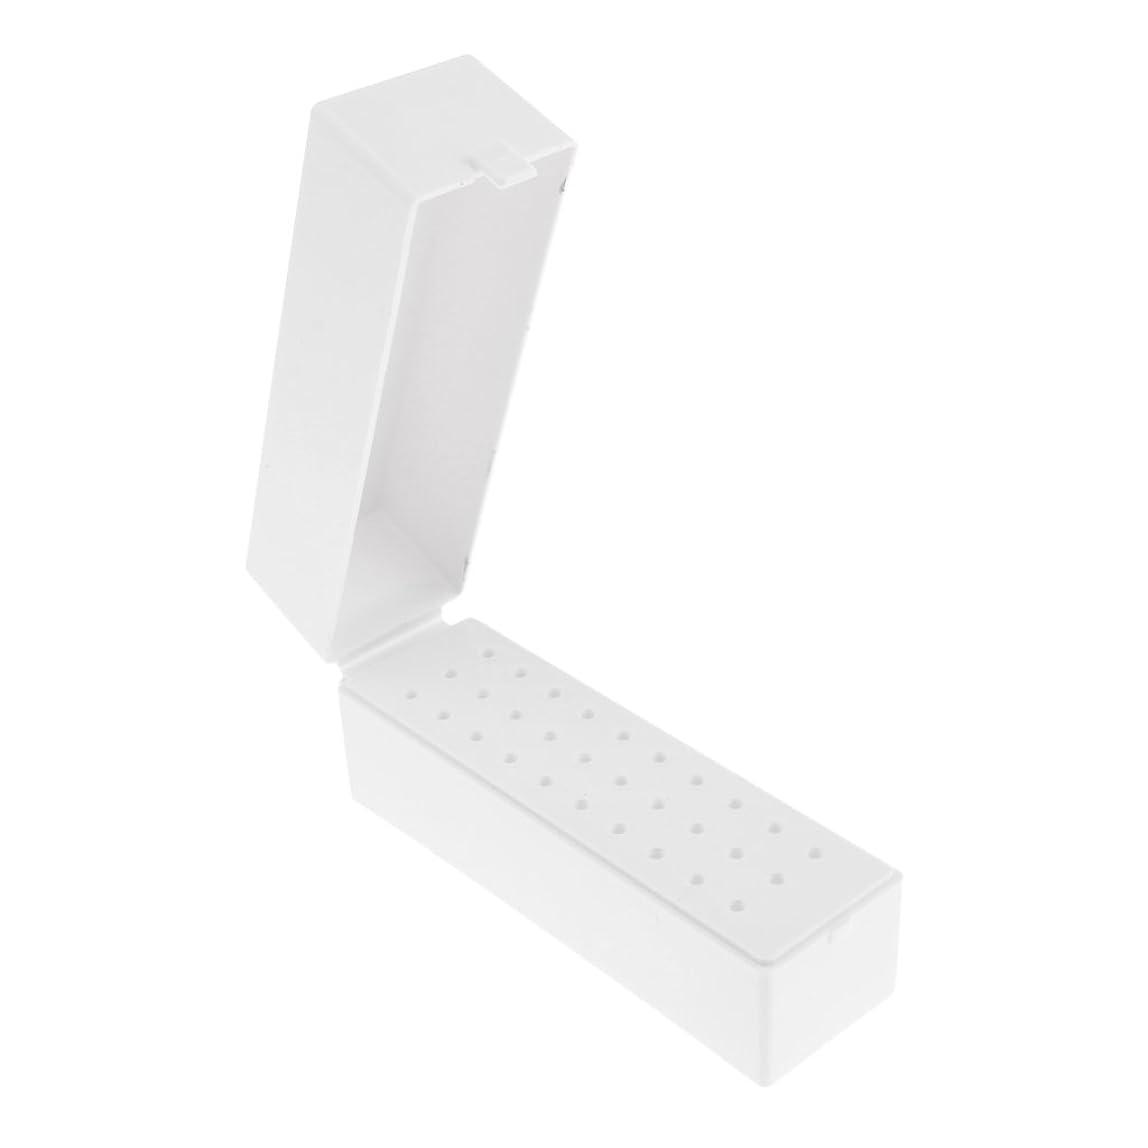 株式会社組み合わせ奪う30穴プラスチックネイルアートツールボックスネイルドリルビットホルダー防塵スタンド収納オーガナイザー